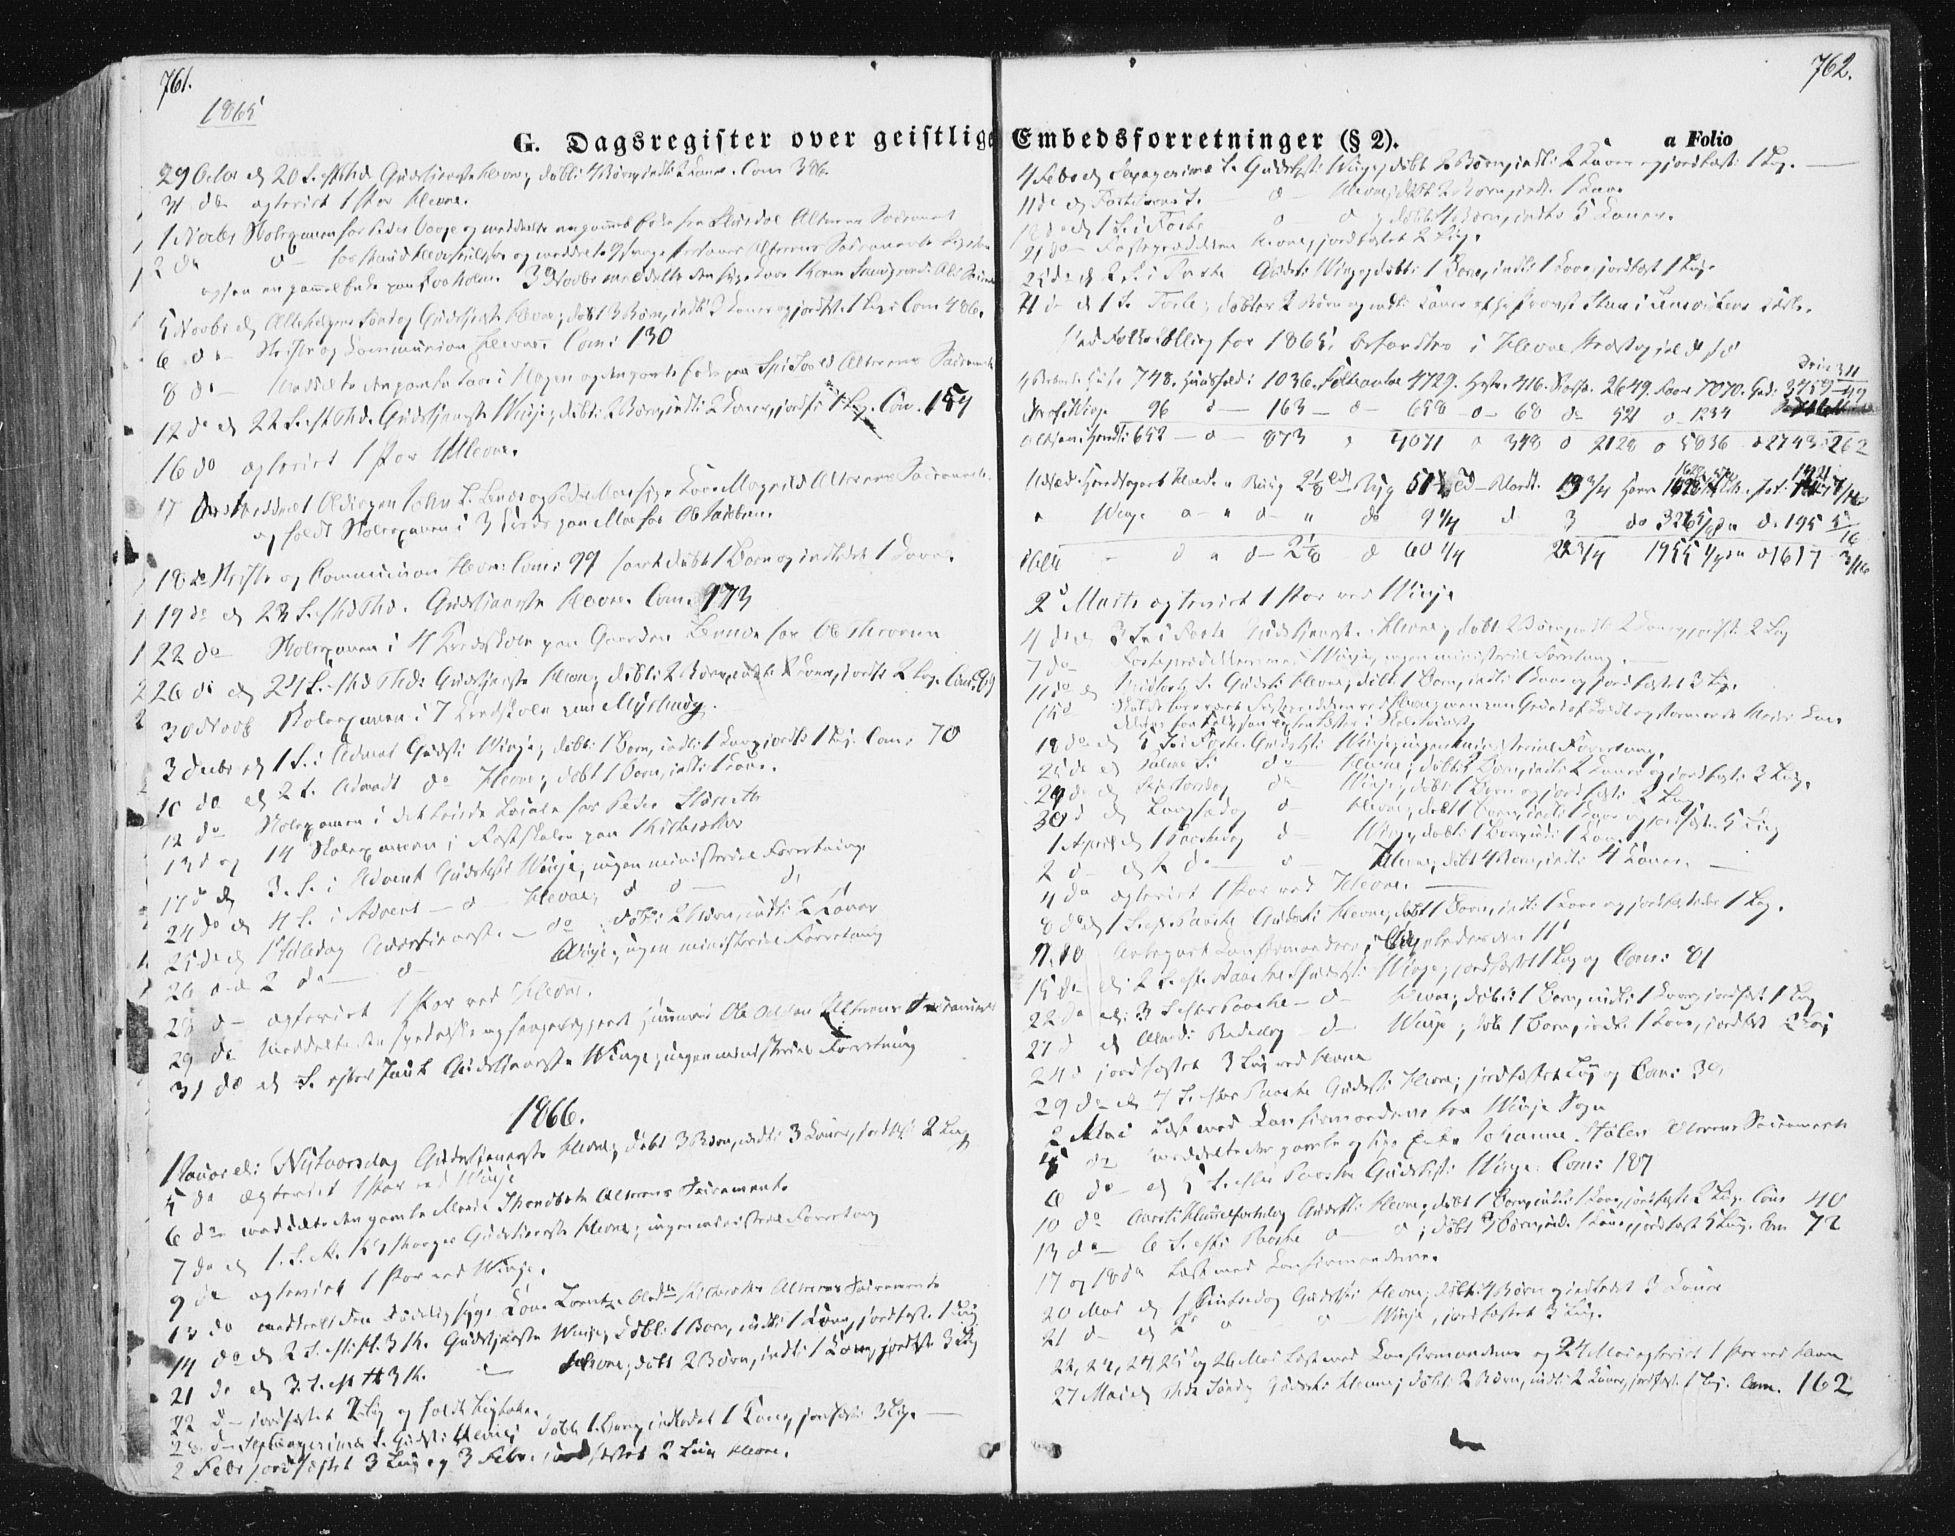 SAT, Ministerialprotokoller, klokkerbøker og fødselsregistre - Sør-Trøndelag, 630/L0494: Ministerialbok nr. 630A07, 1852-1868, s. 761-762